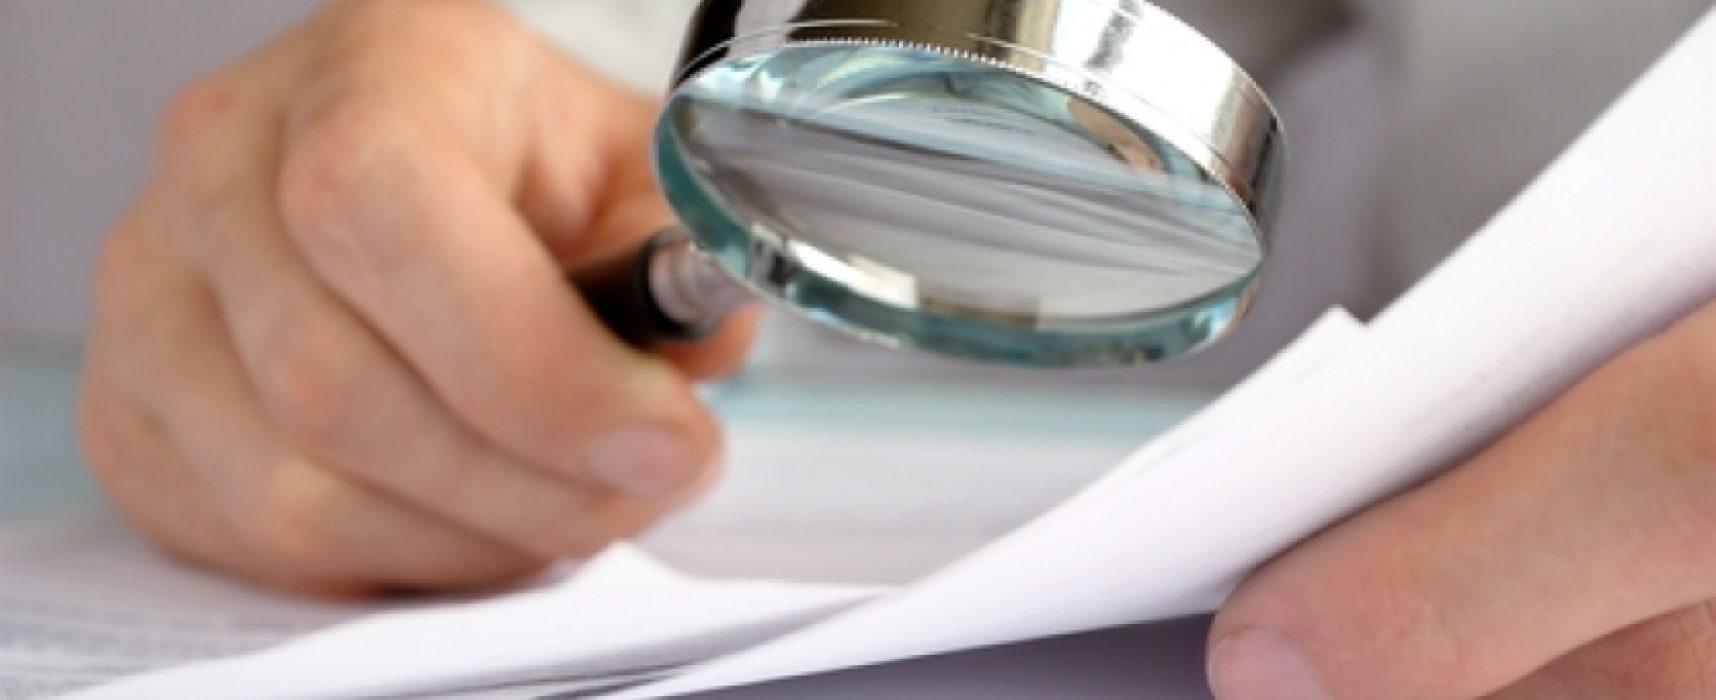 Cómo desacreditar declaraciones falsas por tu cuenta